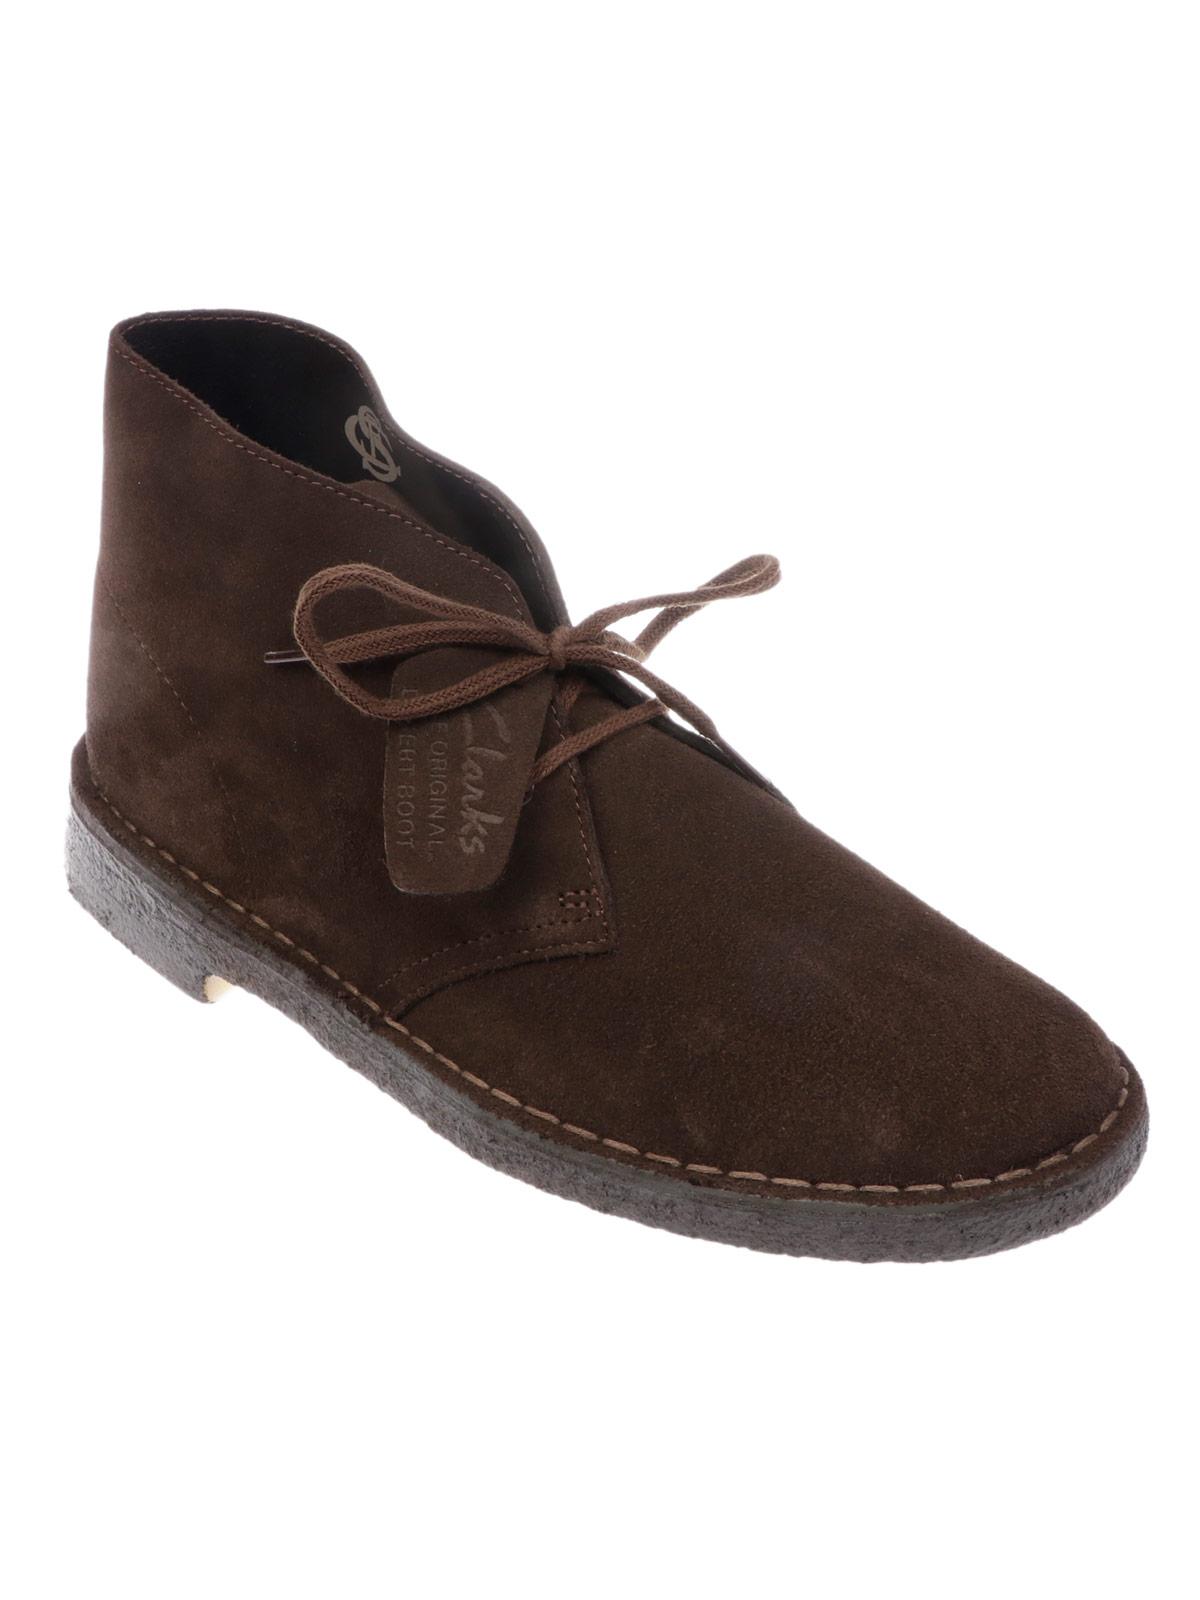 a9bfdace09 Negozio di sconti online,Clarks Desert Boots Uomo Brown